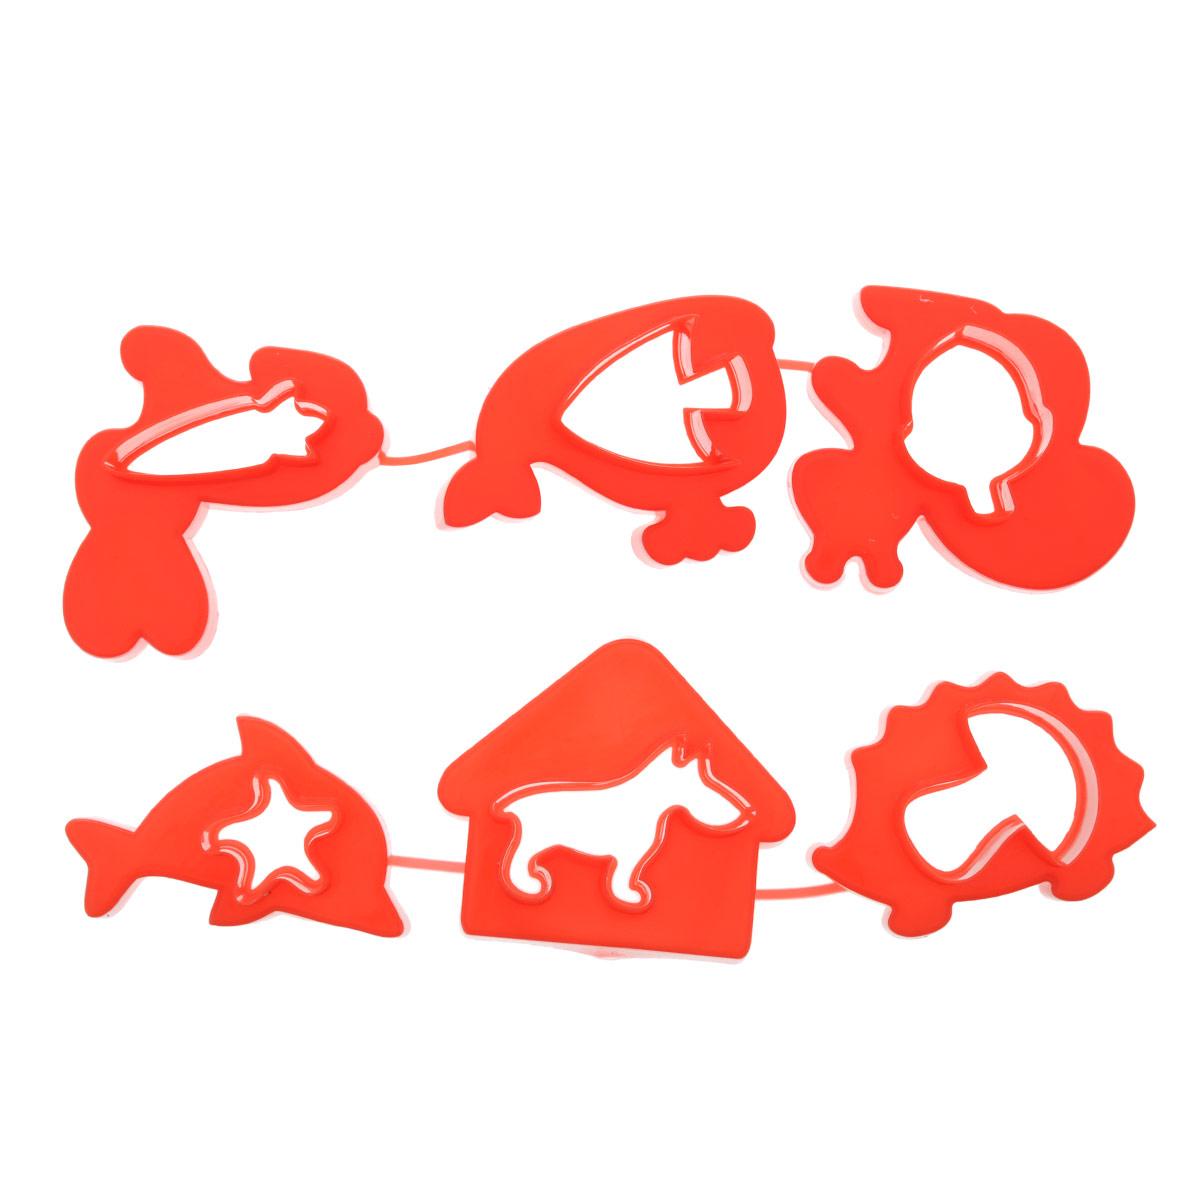 Формочки для лепки и моделирования №1 Луч. 22С 1419-08 красный22С 1419-08 красныйФормочки предназначены для моделирования и лепки из пластилина, мягкого воска, глины, теста. При производстве формочек использованы полимеры, для которых разрешен контакт с пищевыми продуктами, поэтому их можно использовать так же в кулинарии (выпечка, приготовление канапе, детских бутербродов и т.д.).В наборе: фигурки животных (белочка с орешком, собака с будкой, кит и рыбка, дельфин и морская звезда, ёжик с грибом, заяц с морковкой).